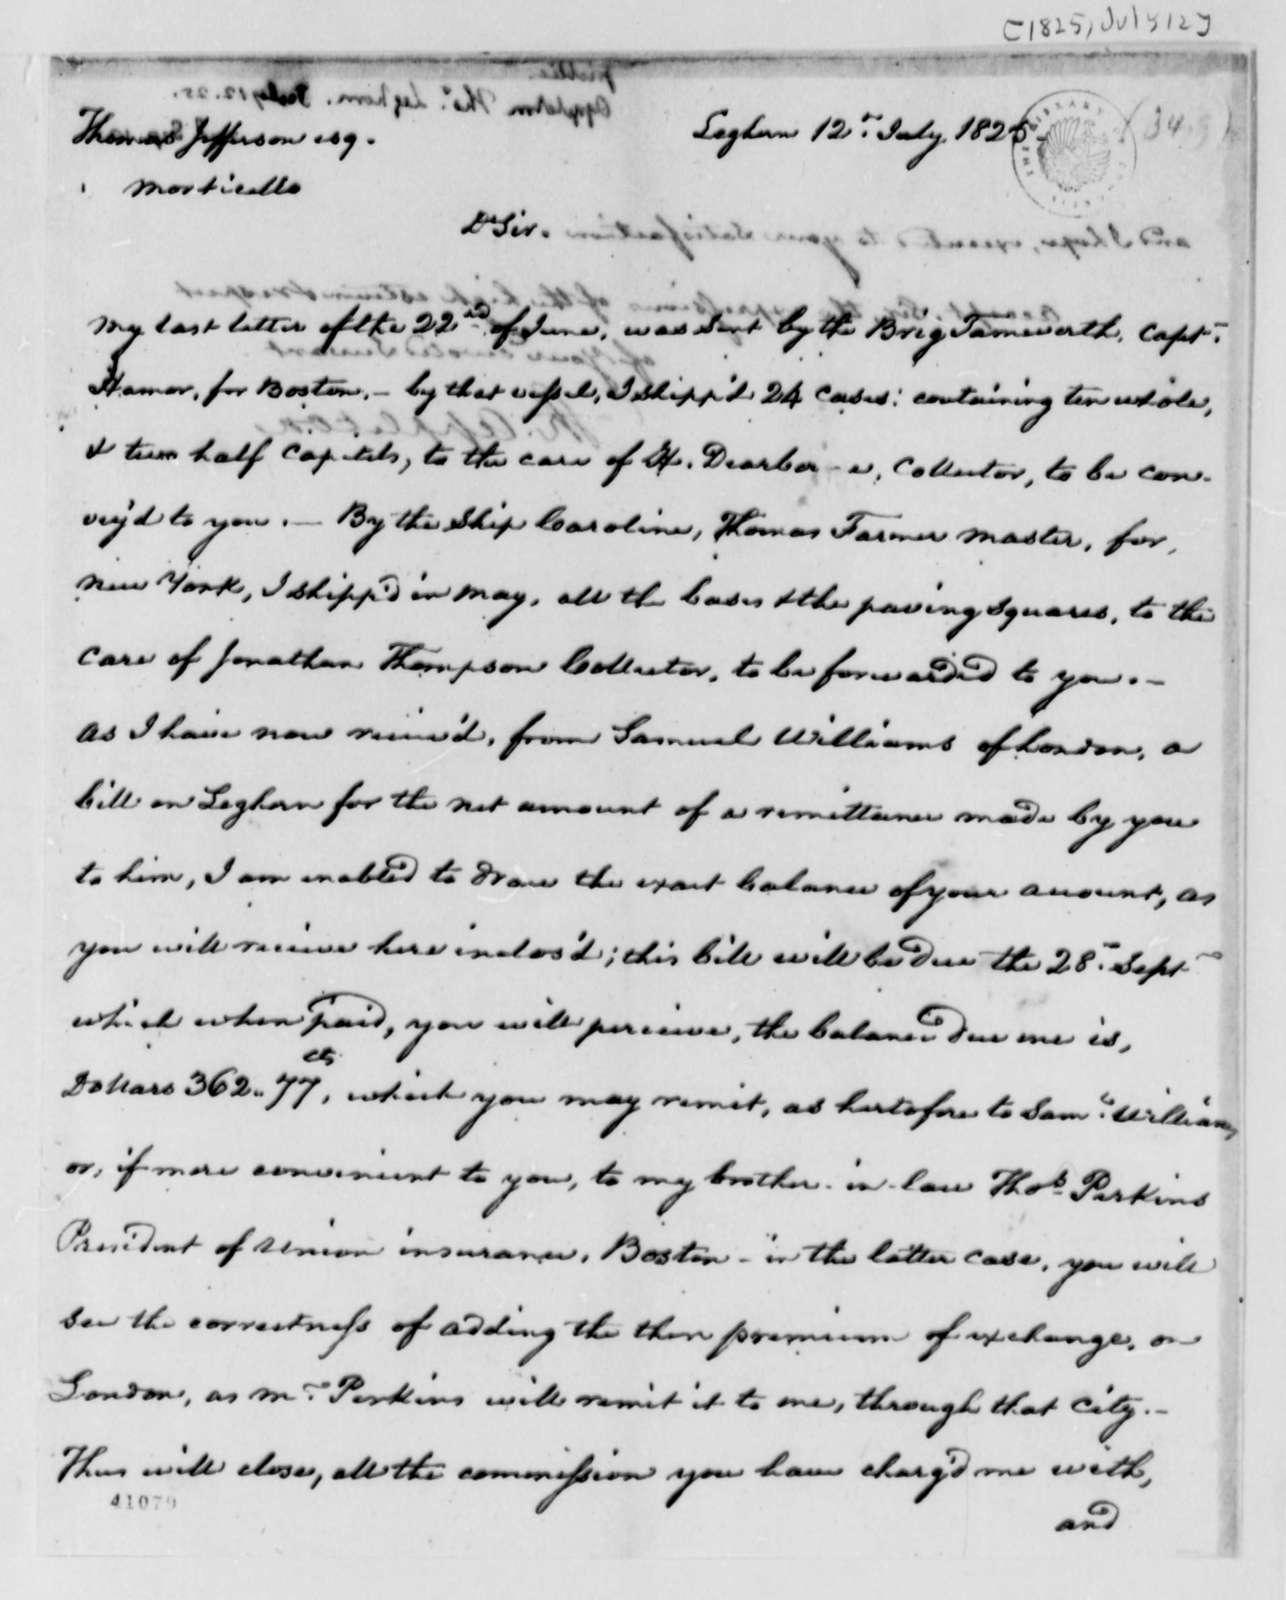 Thomas Appleton to Thomas Jefferson, July 12, 1825